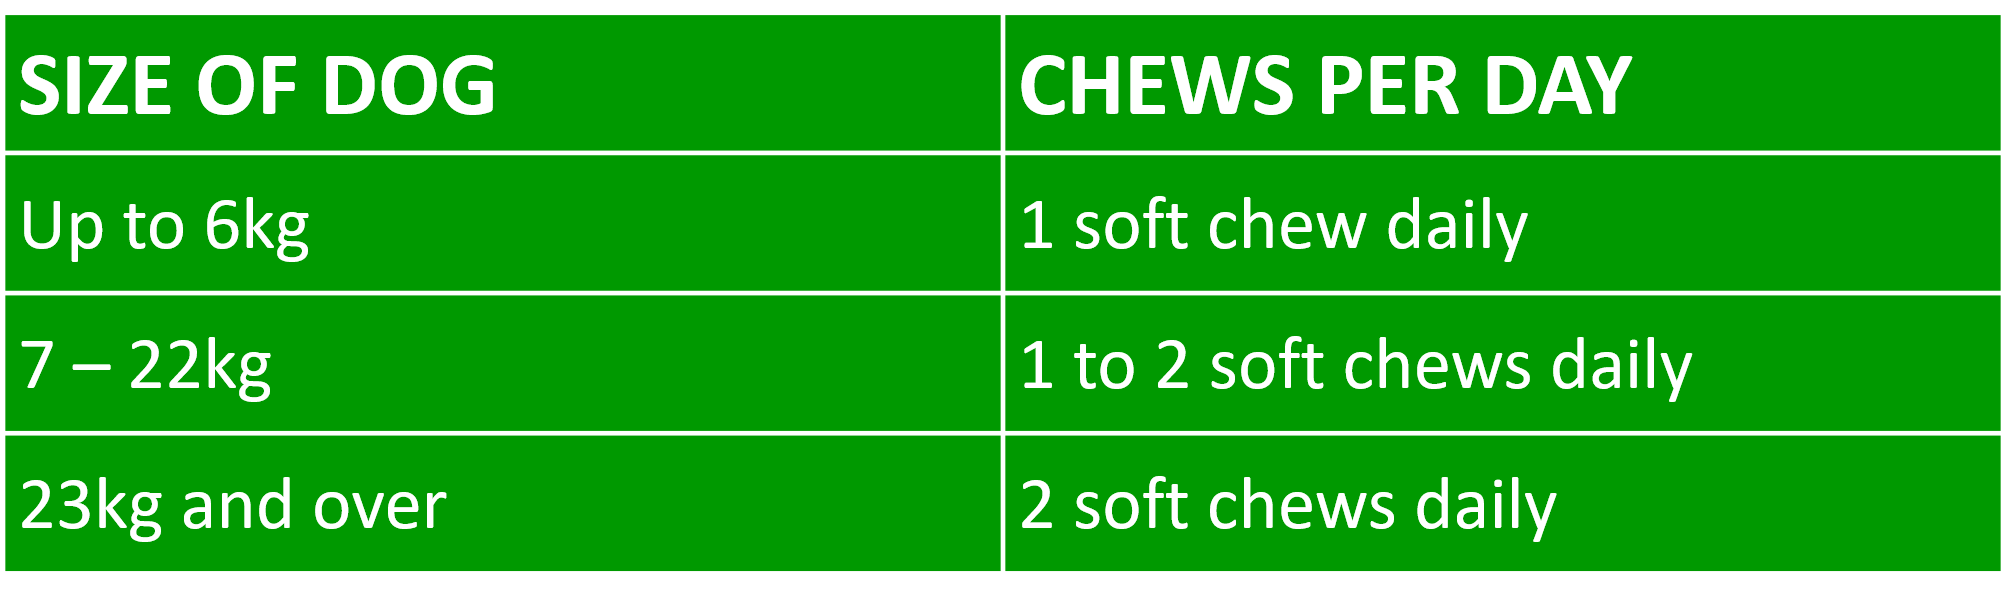 urinary care soft chews feeding guide